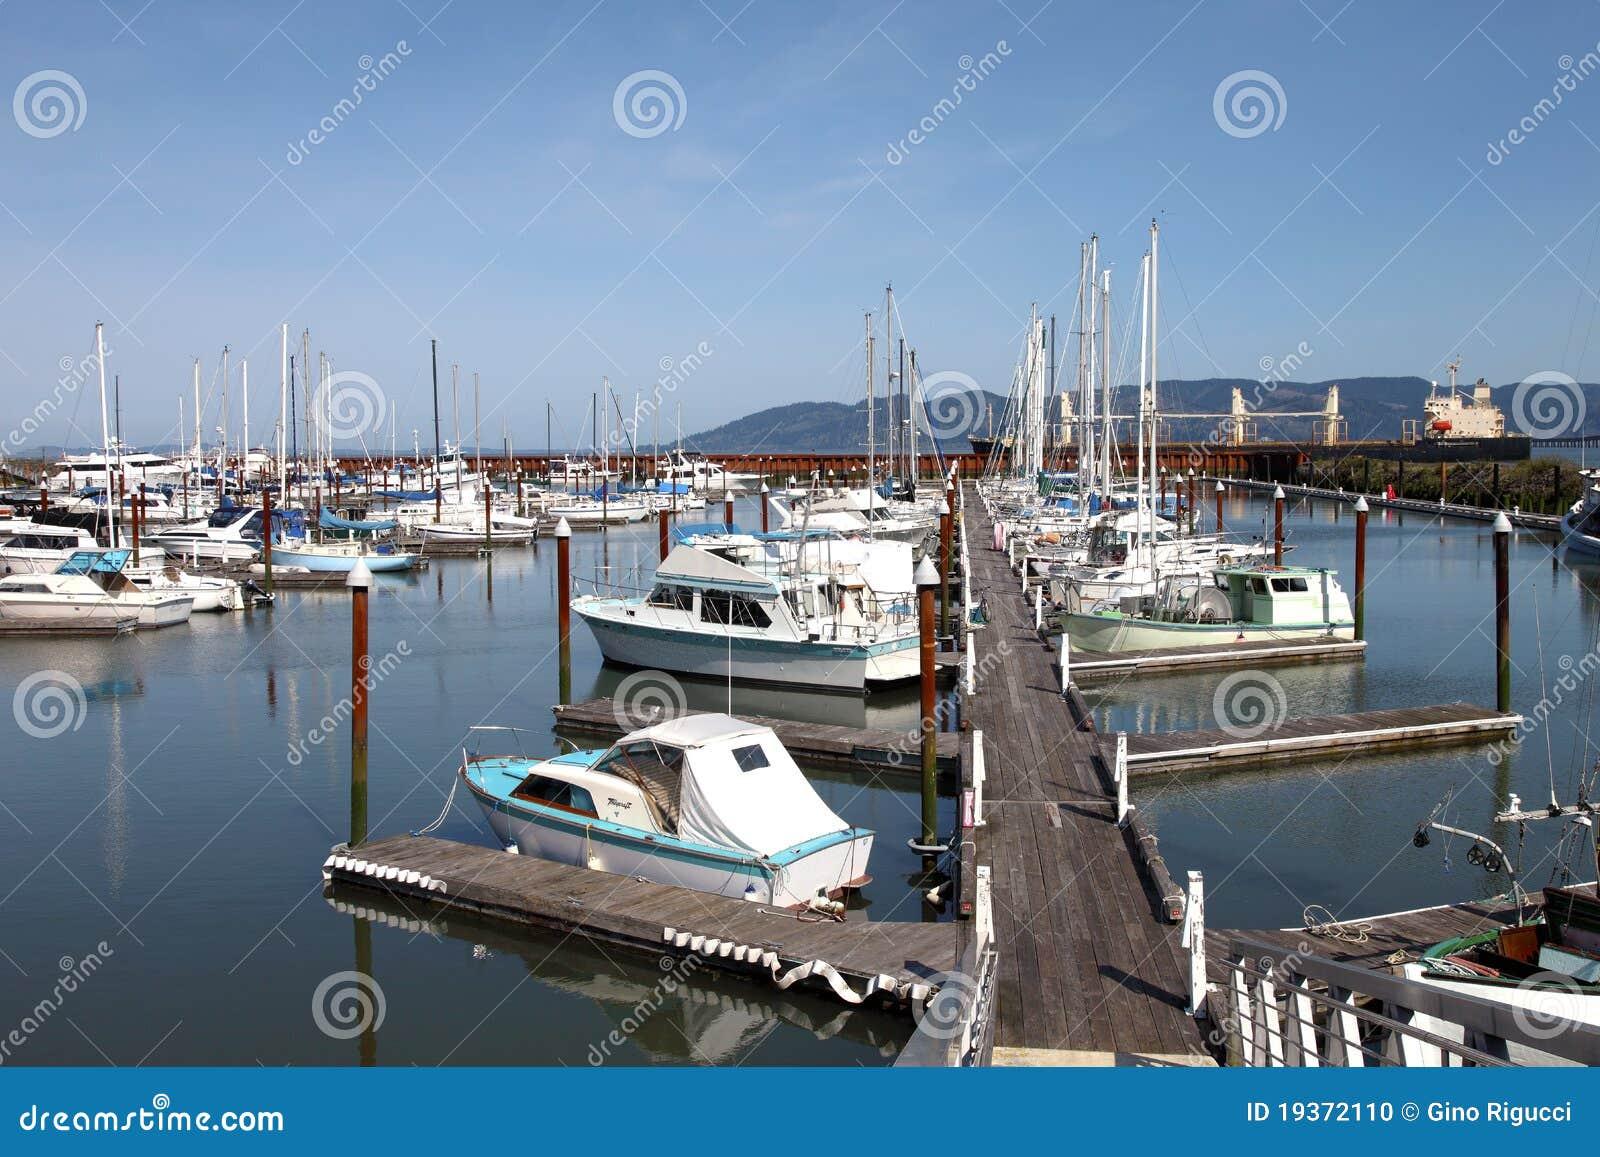 Barcos de pesca & iate pequenos em um porto.